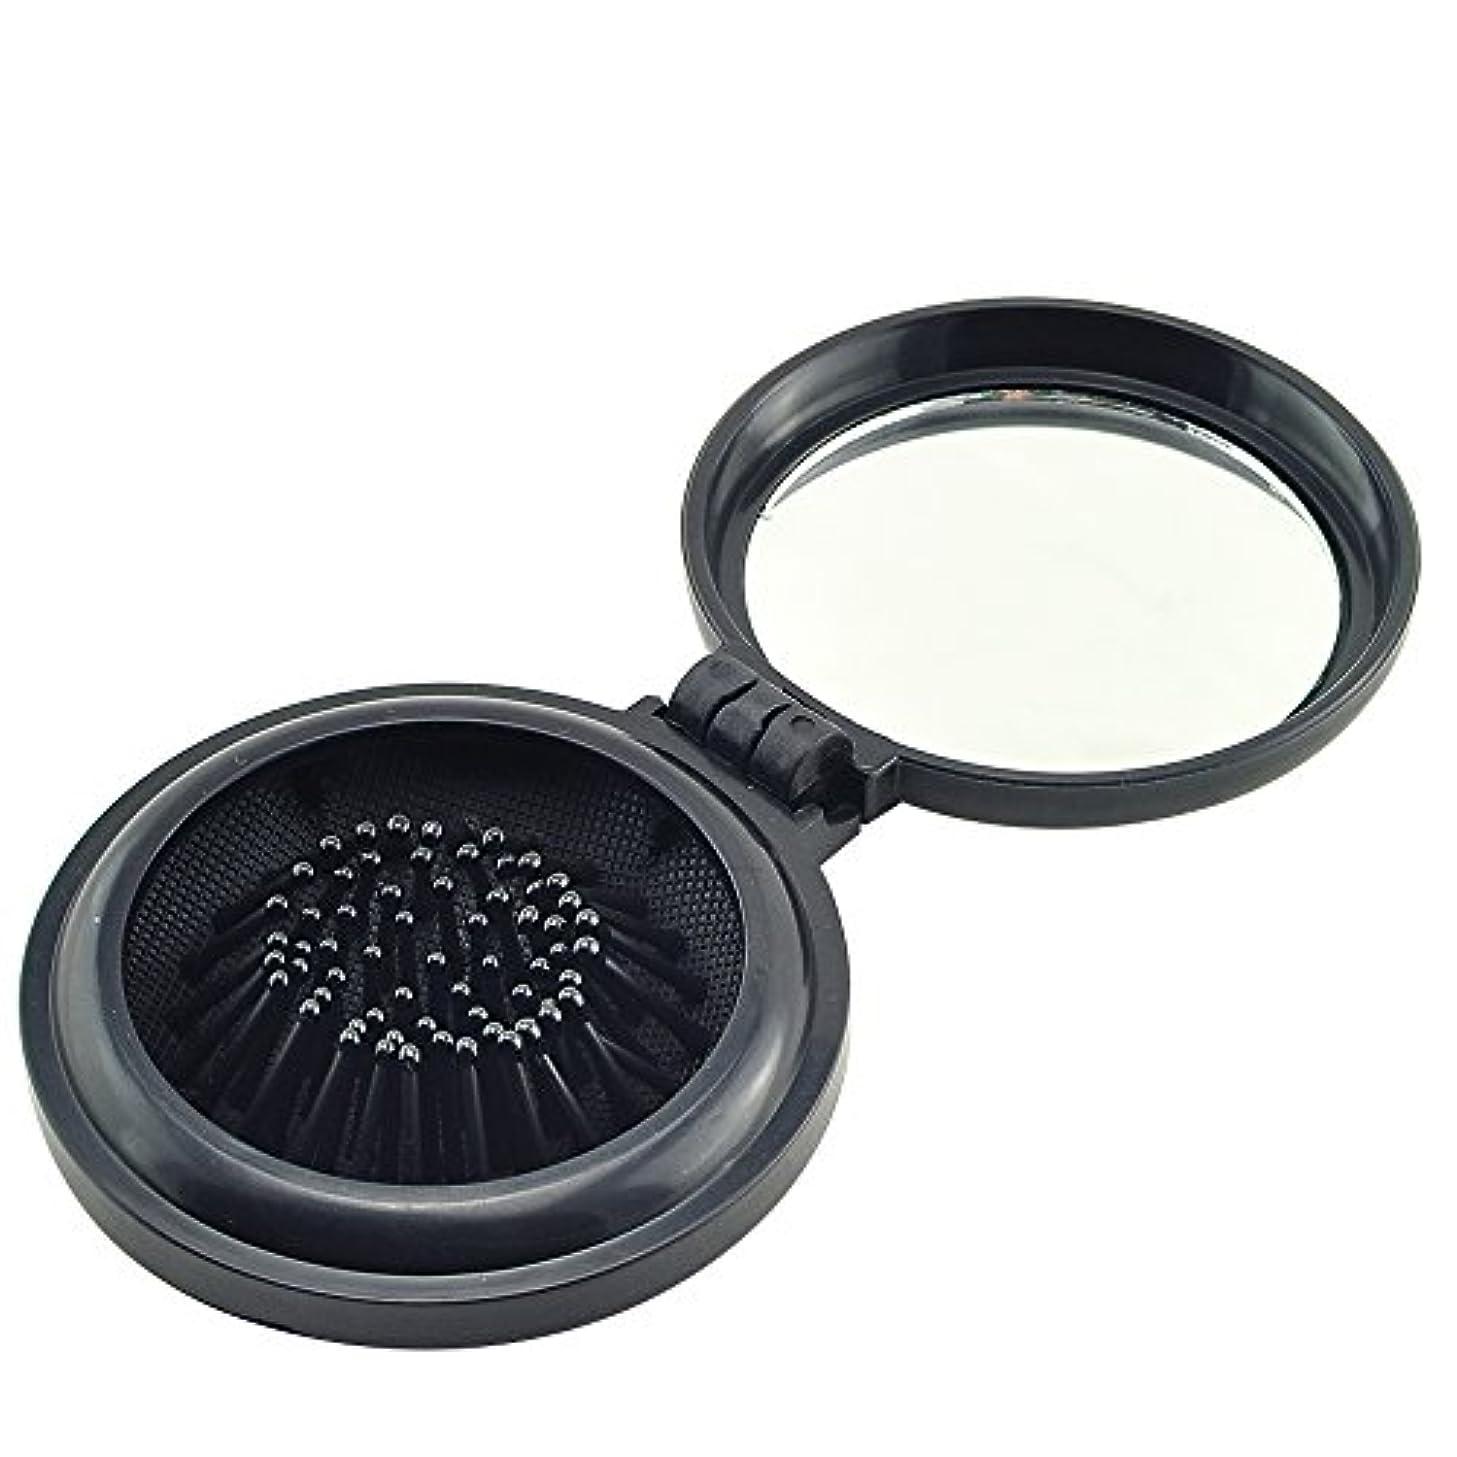 利益立派な脇にixaer 折りたたみ ヘアブラシ 鏡付き 円形 櫛 コンパクト 携帯便利 通勤 通学 旅行に最適 ブラック